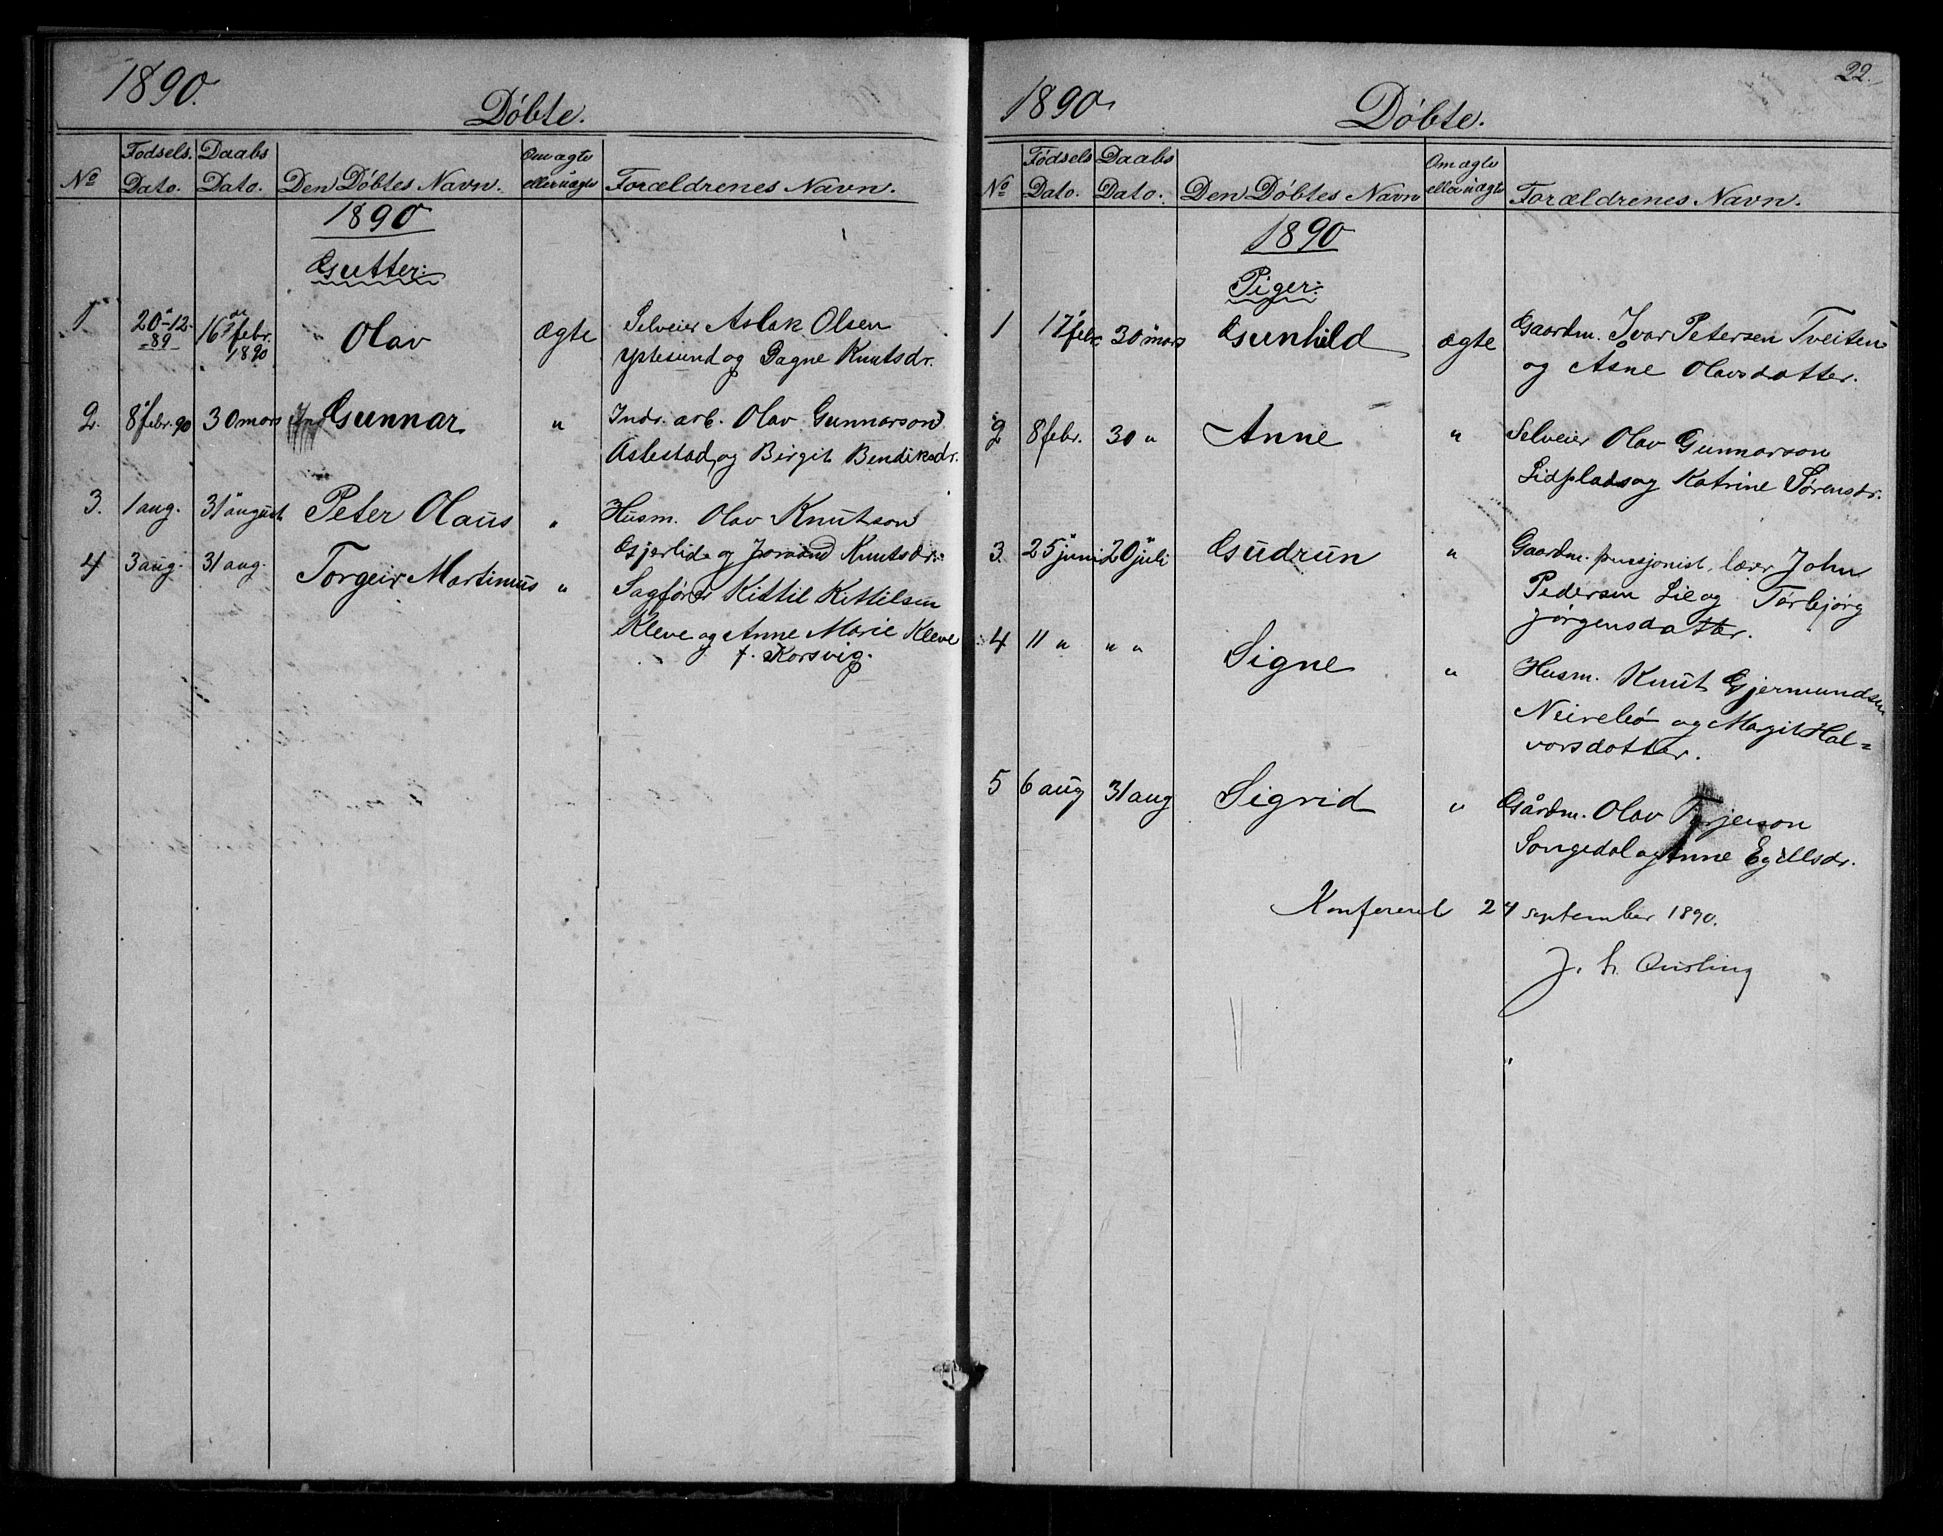 SAKO, Fyresdal kirkebøker, G/Gb/L0001: Klokkerbok nr. II 1, 1864-1890, s. 22